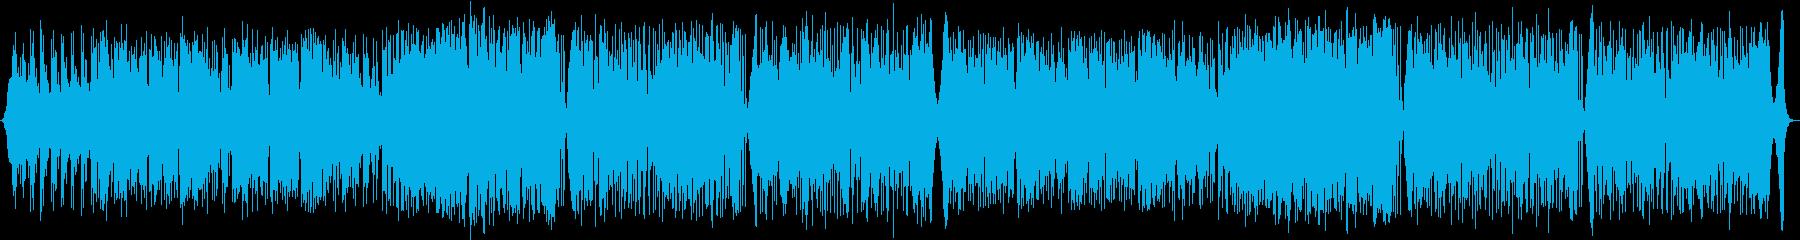 ポップス風フュージョンの再生済みの波形